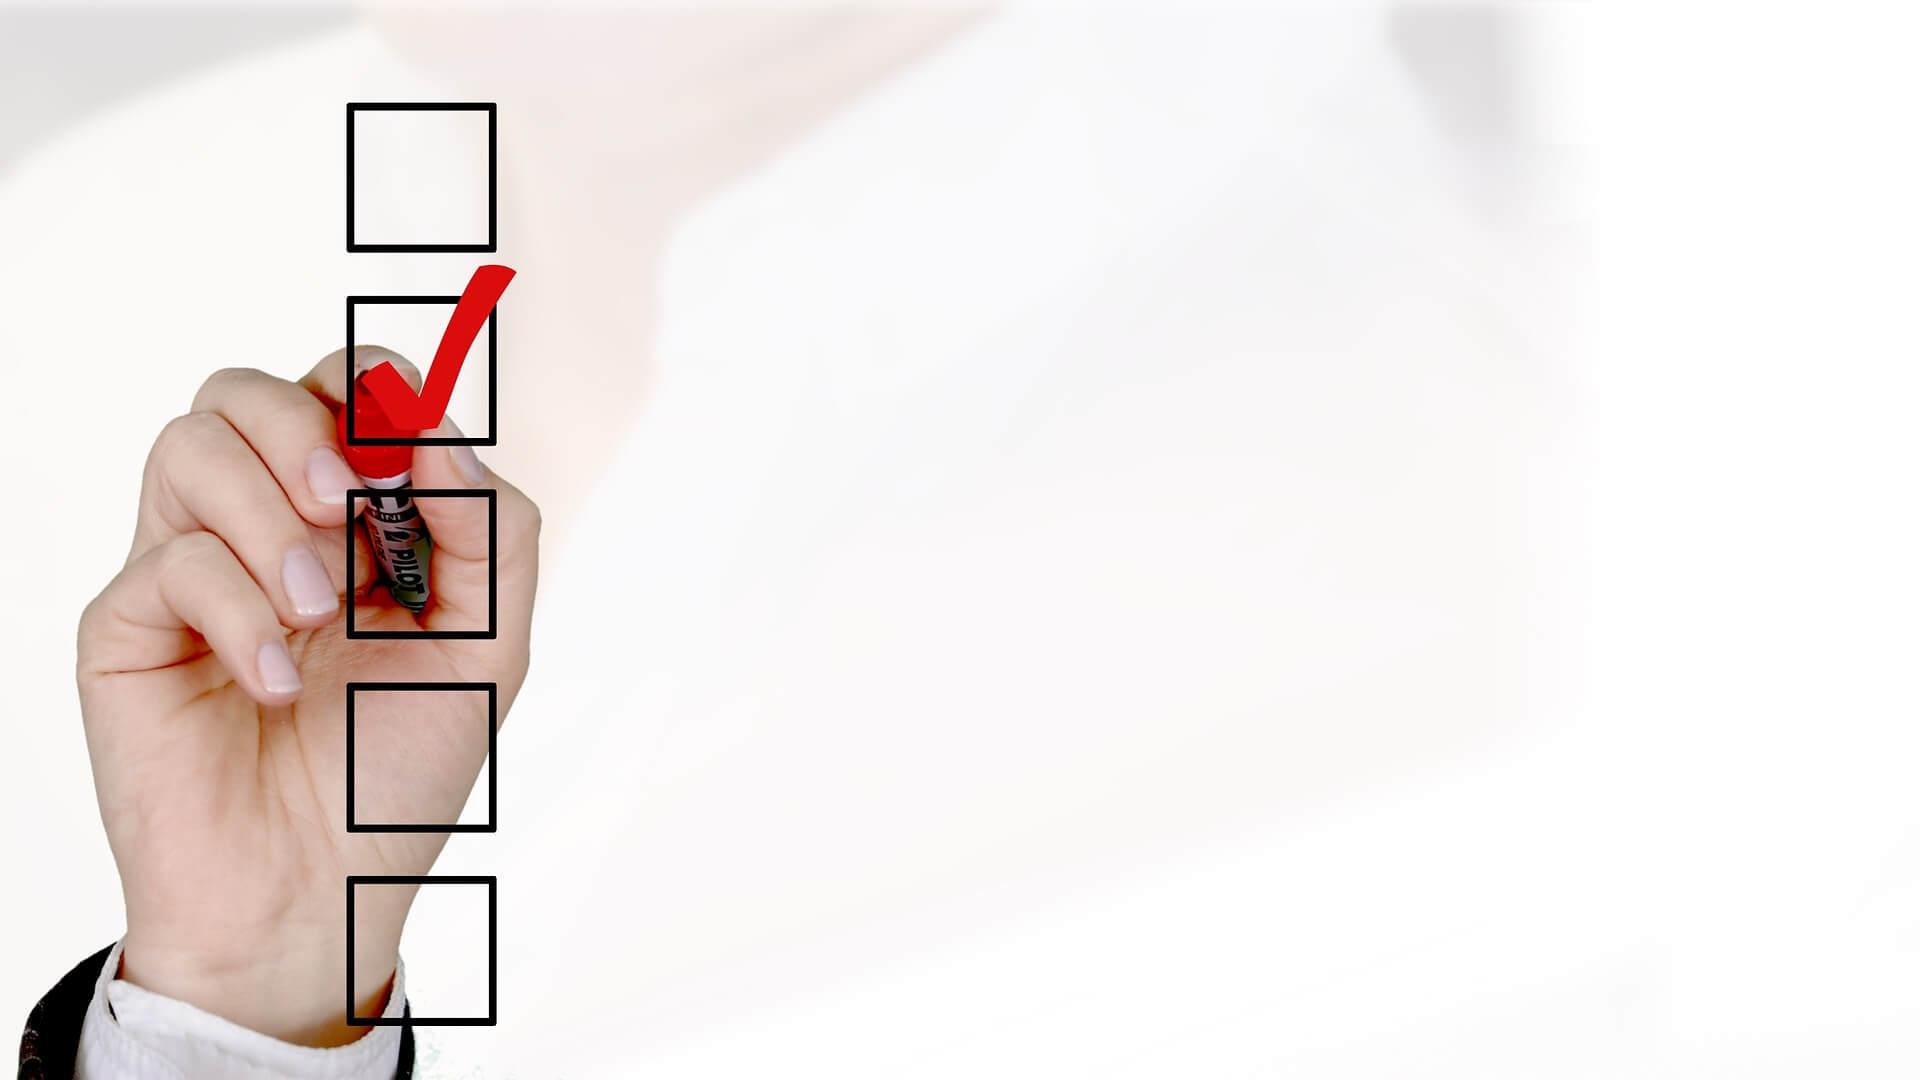 ¿Qué documentación presentar para hacer un Reclamo por Daños a Terceros?